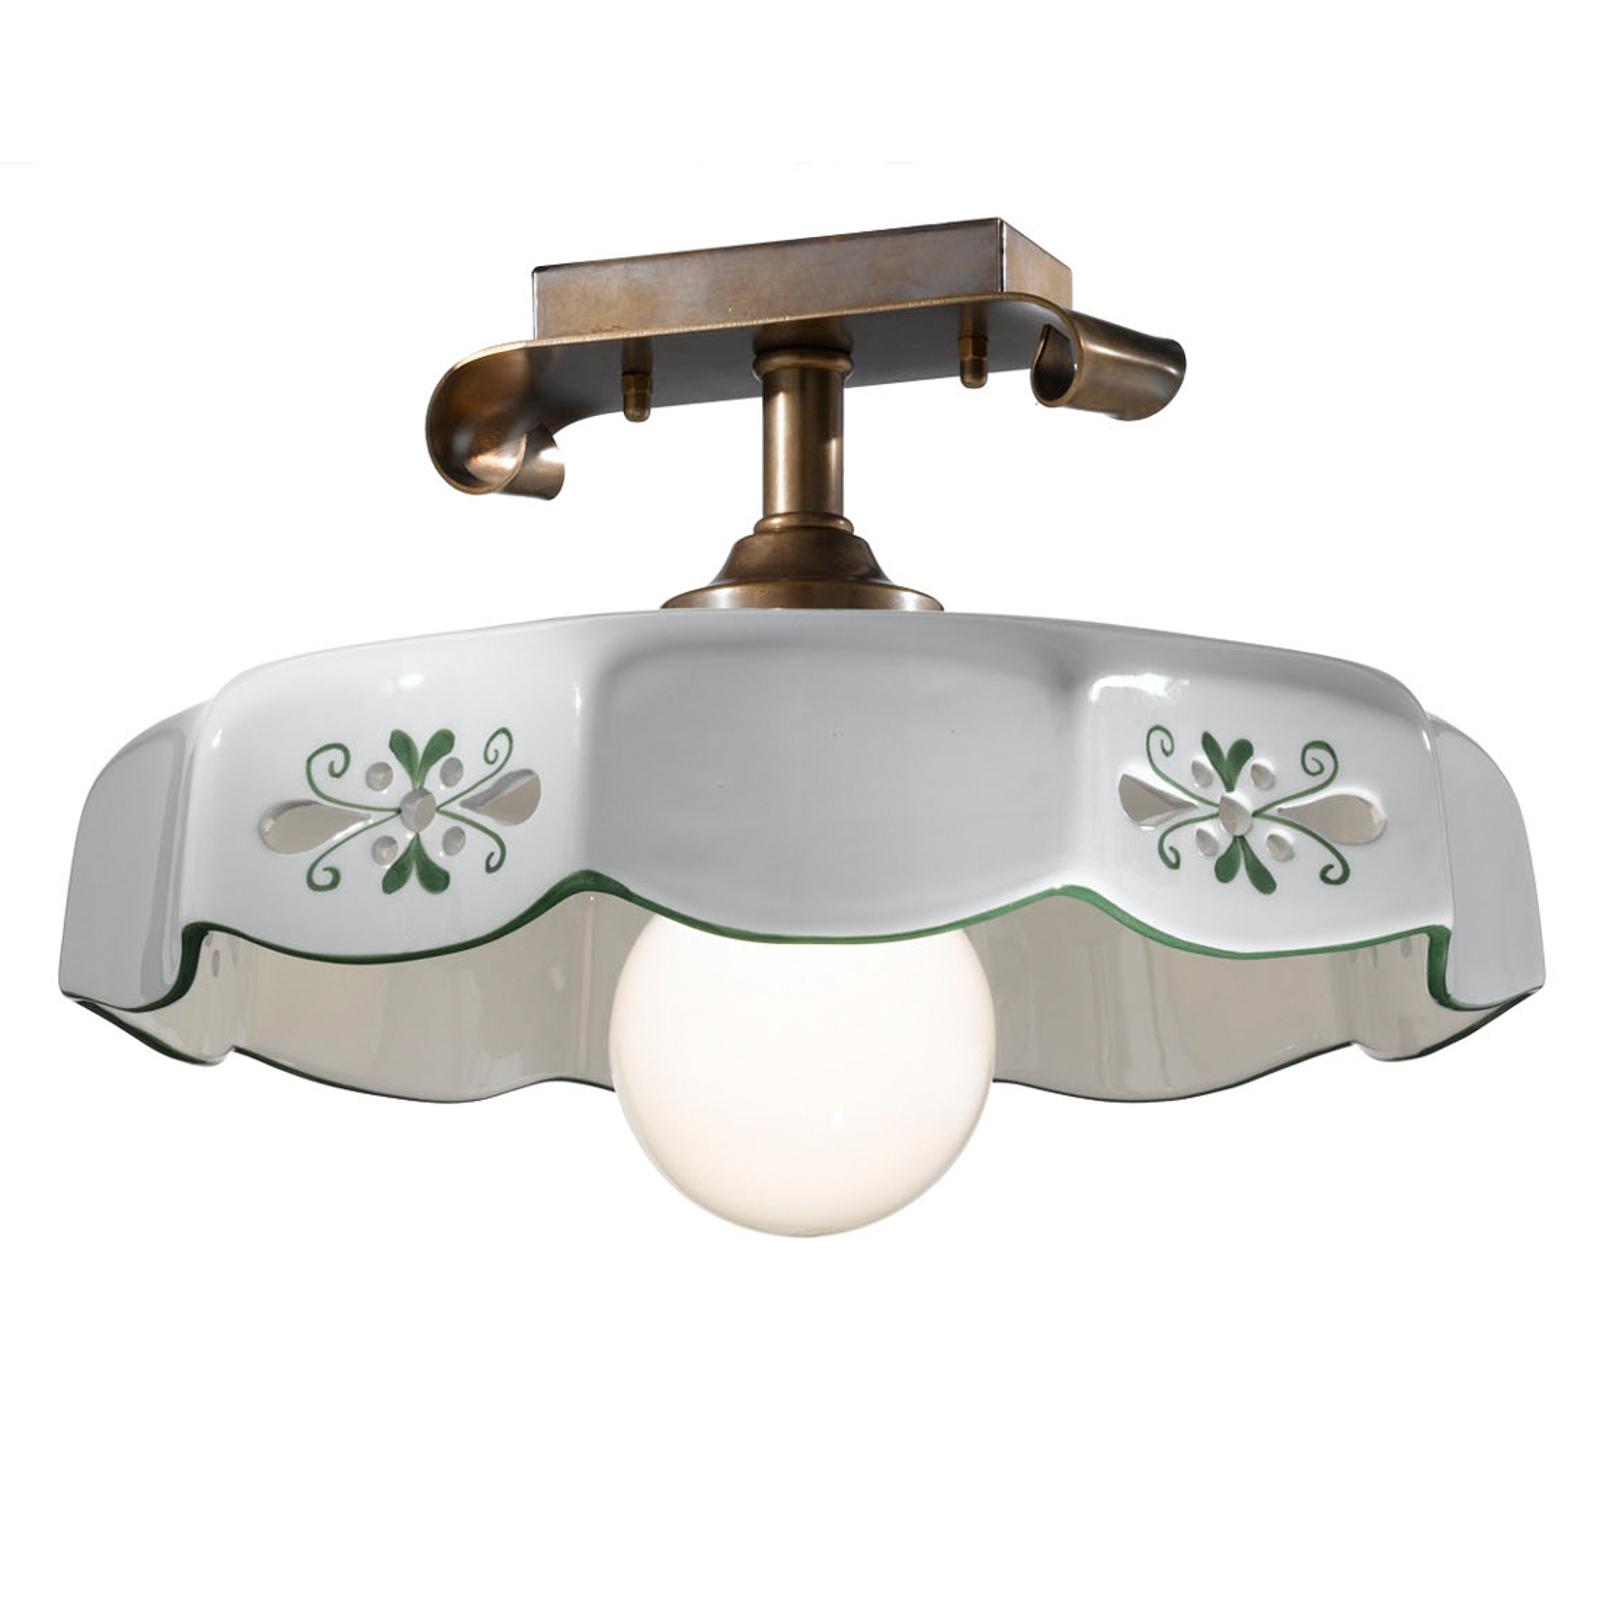 Lampa sufitowa Marostica styl wiejski zielona